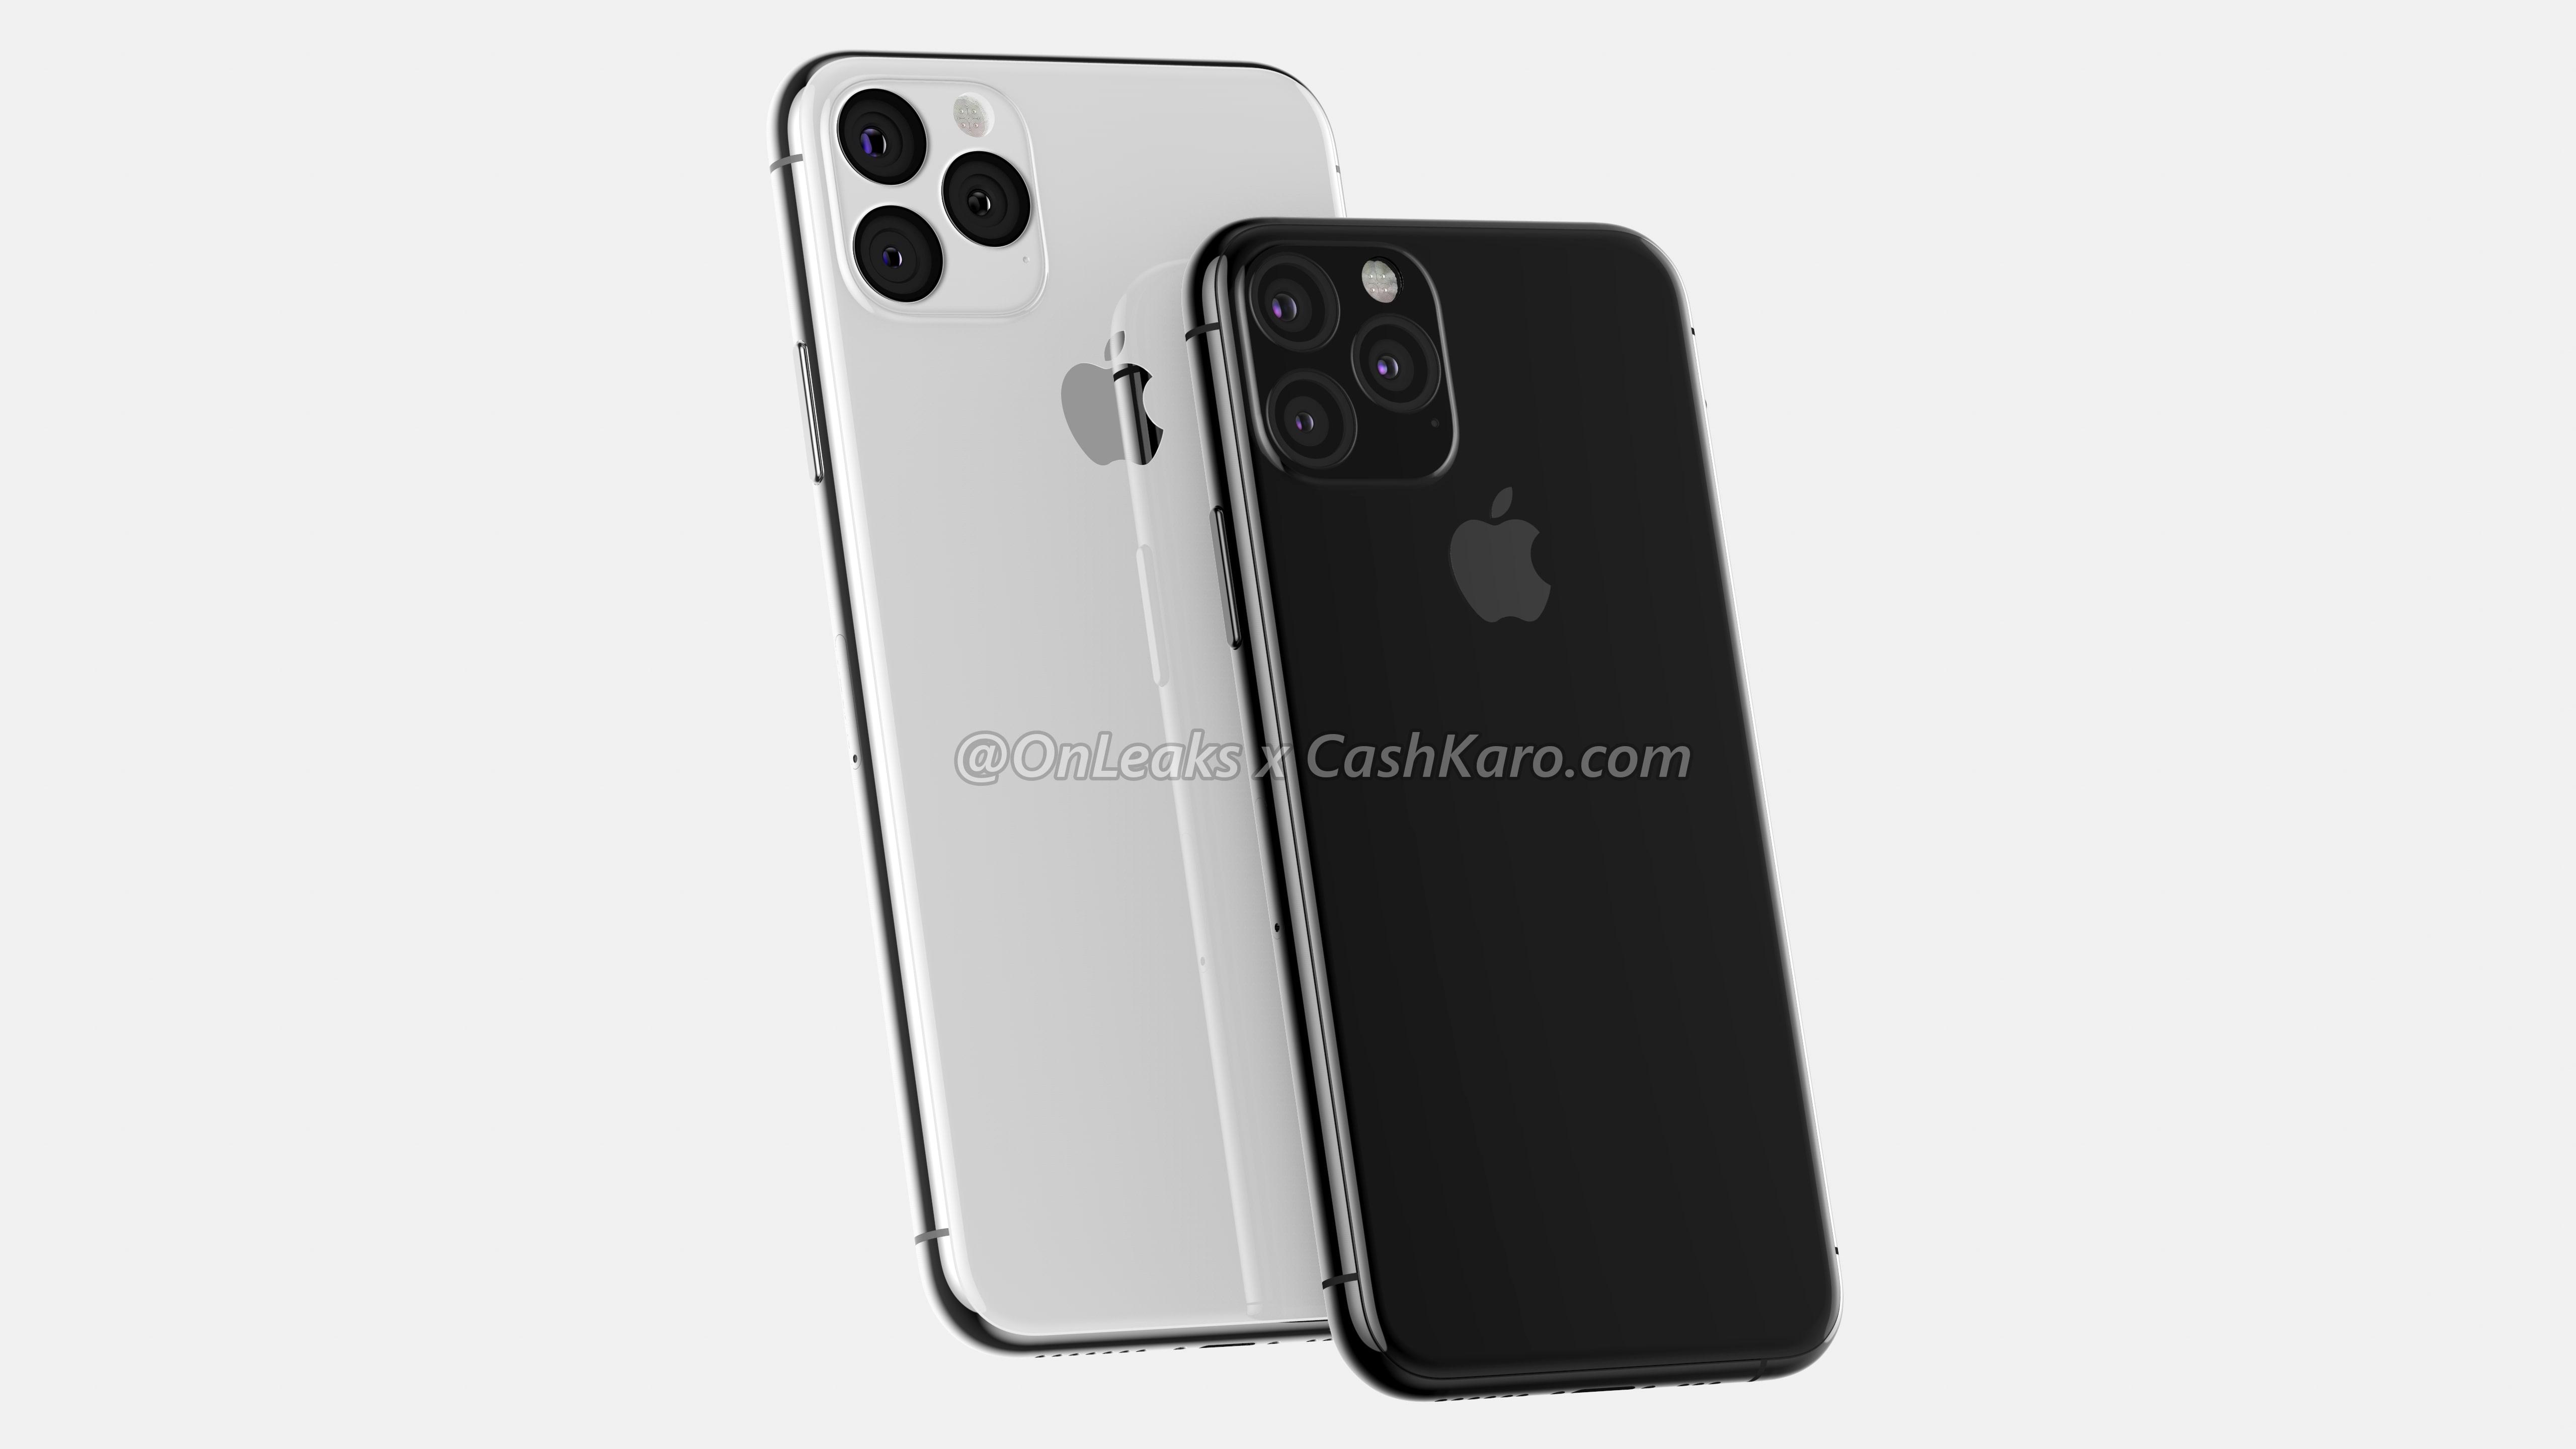 iPhone XI XI Max camera bump final 2 - CashKaro